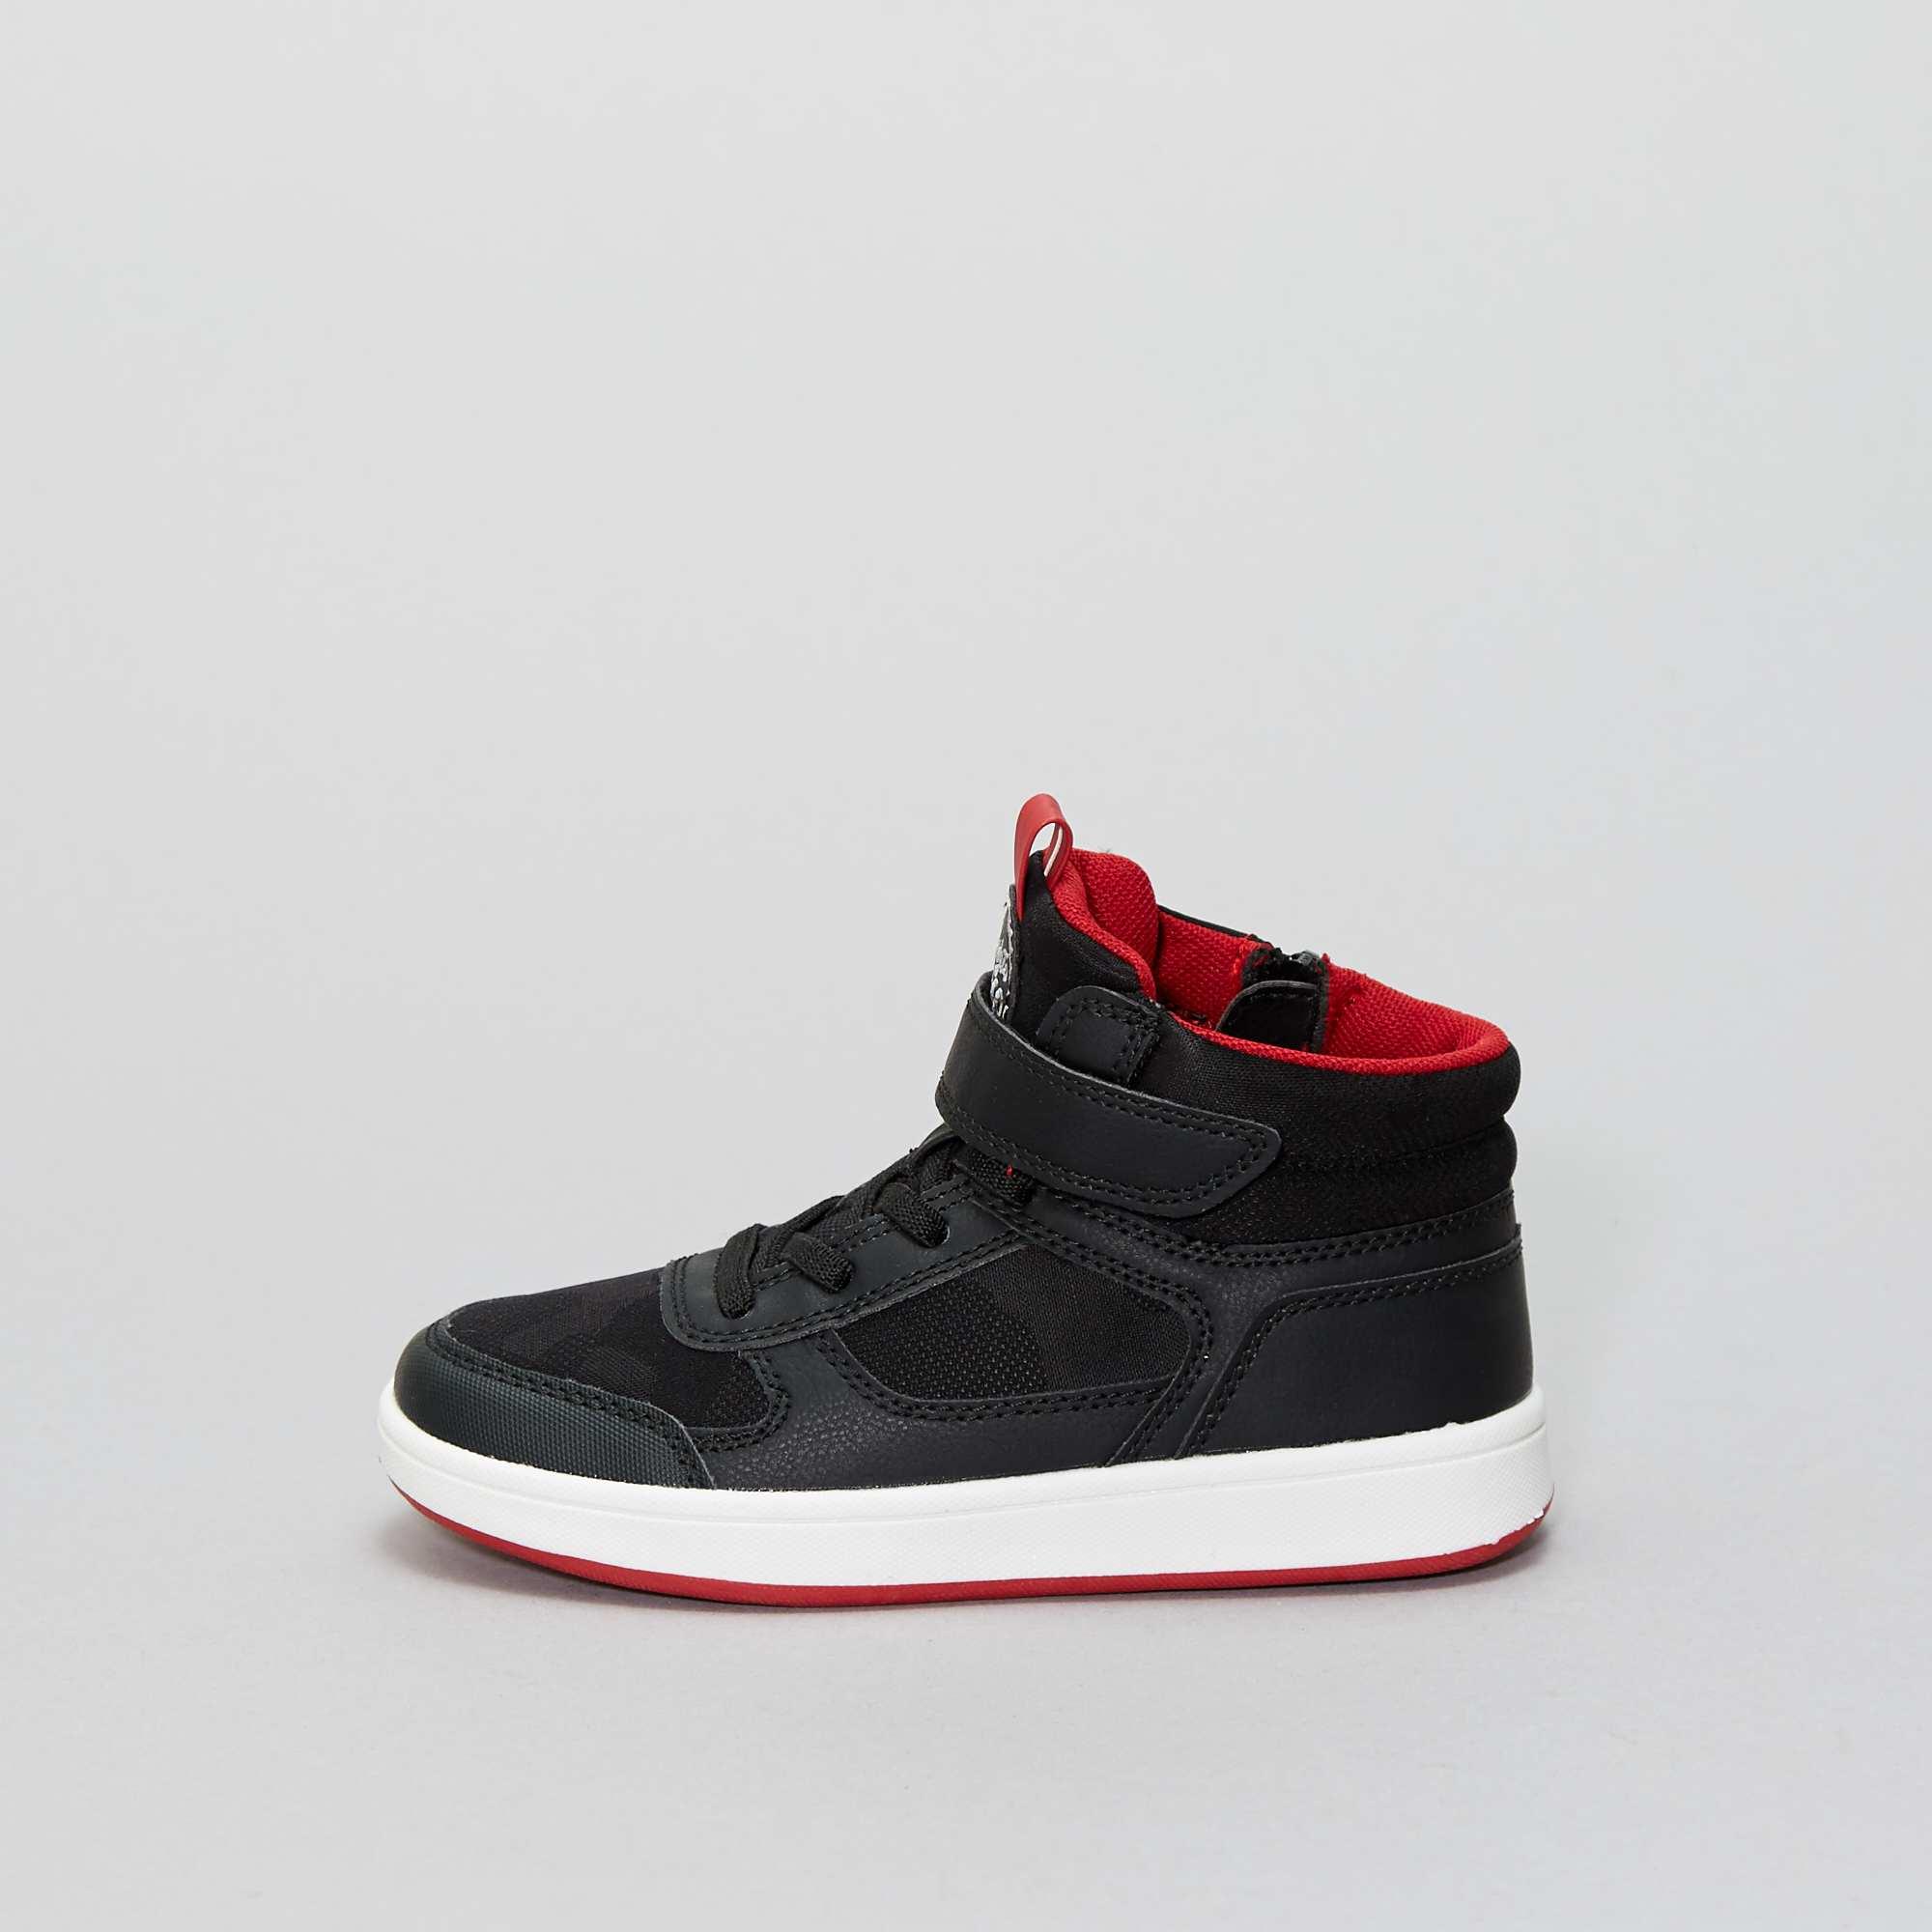 0f020ea0 Zapatillas deportivas altas de piel sintética y microfibra negro Chico